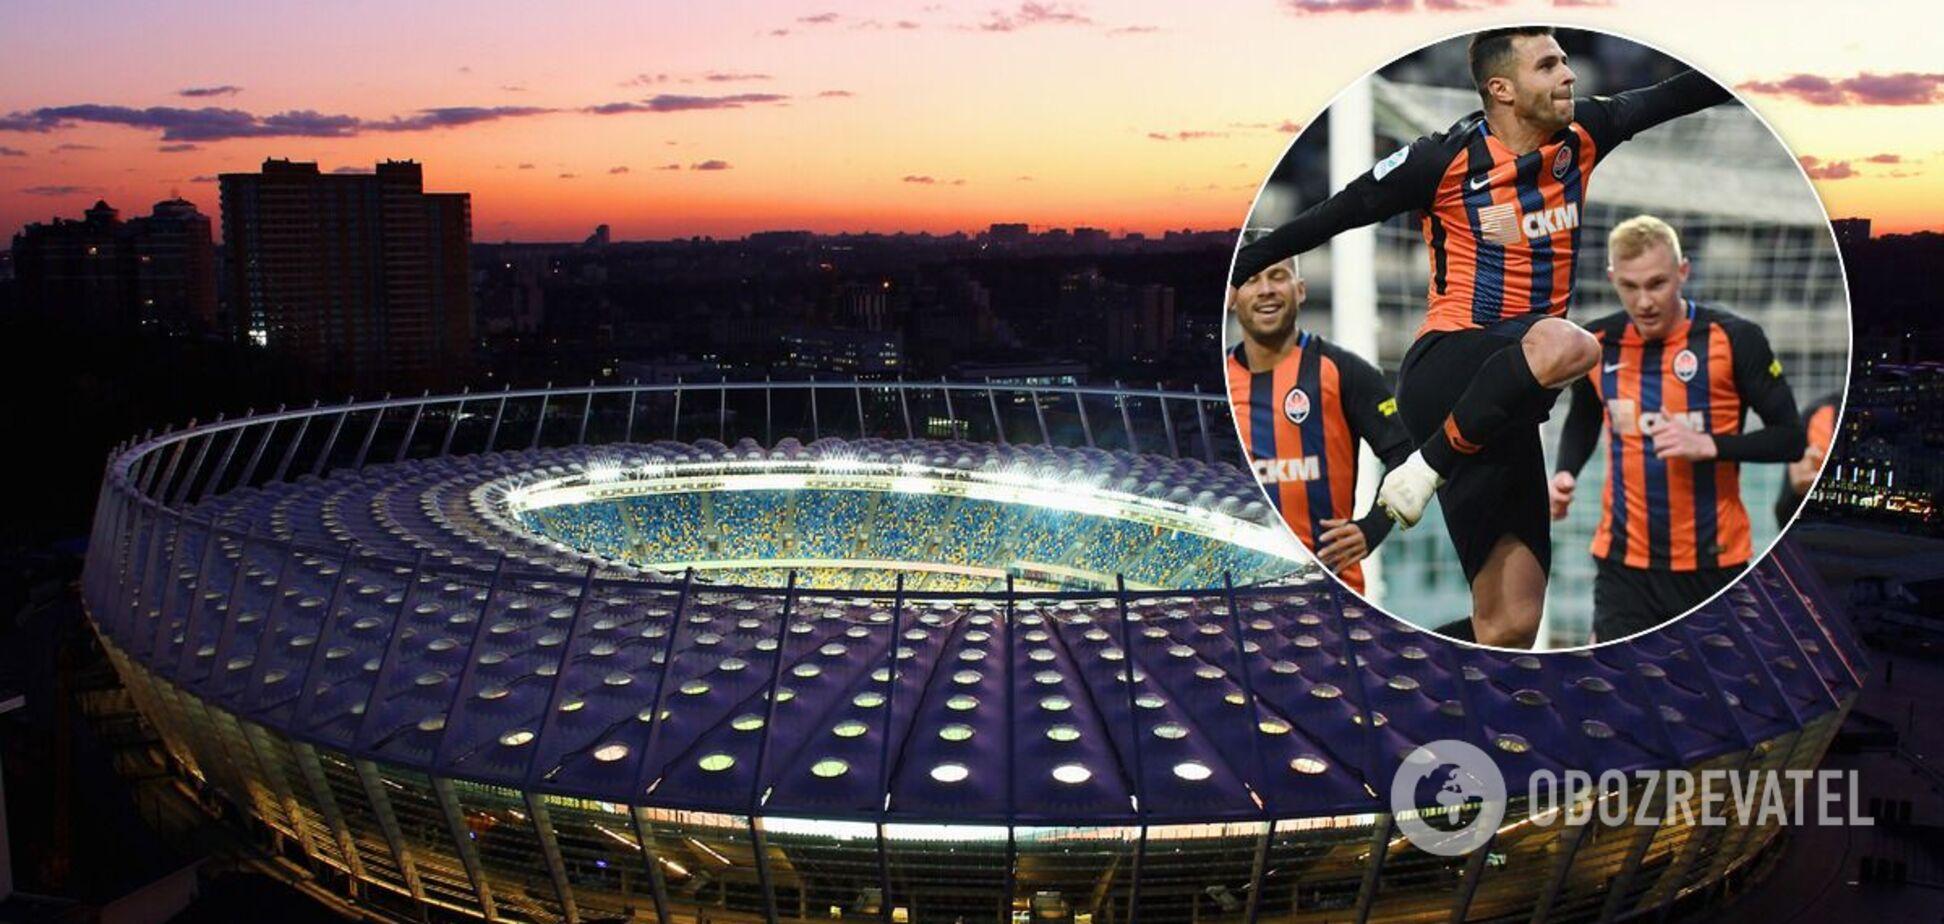 'Шахтар' офіційно переїхав на НСК 'Олімпійський'